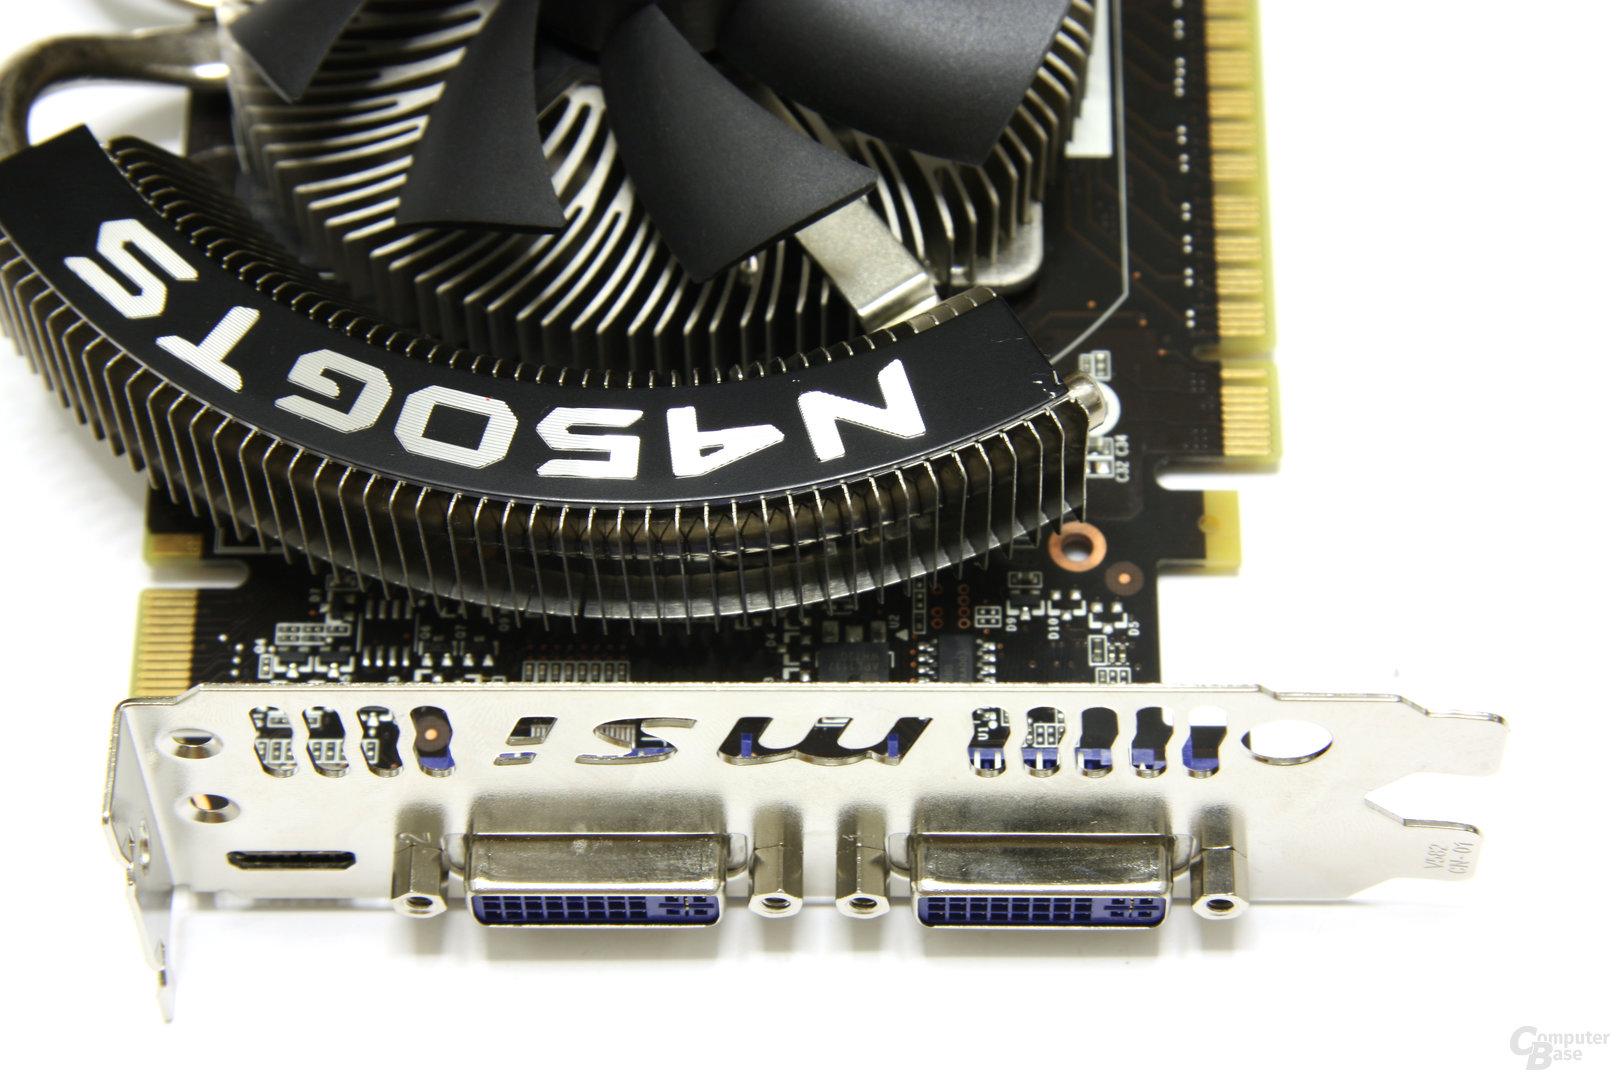 GeForce GTS 450 Cyclone OC Anschlüsse